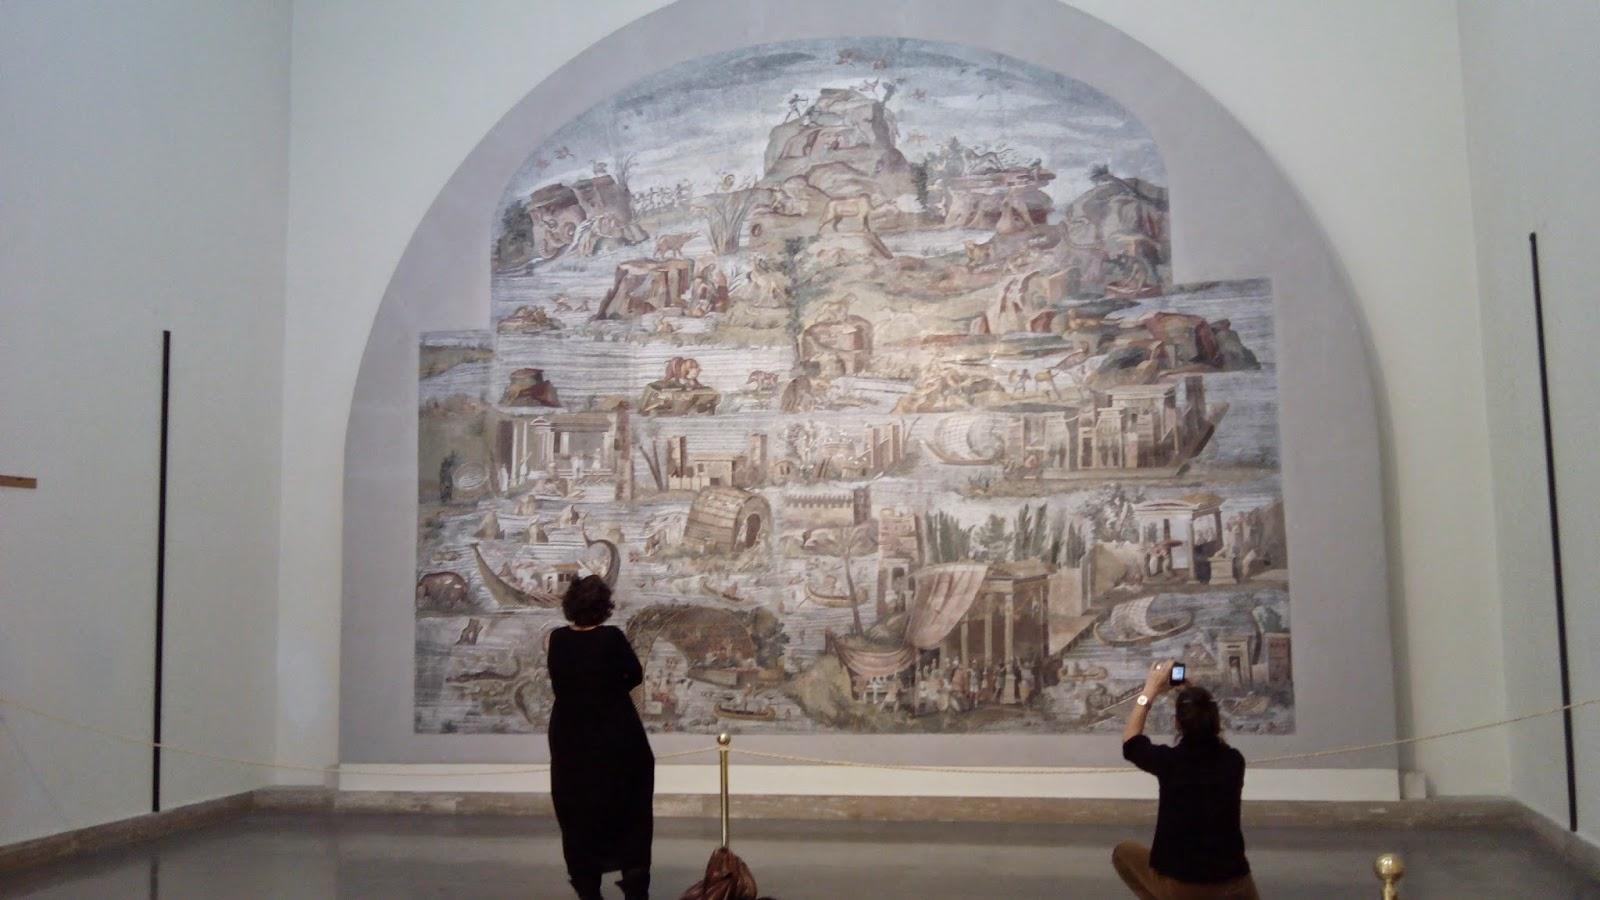 Mosaico do NIlo, vale a visita ao Museu Arqueológico de Palestrina